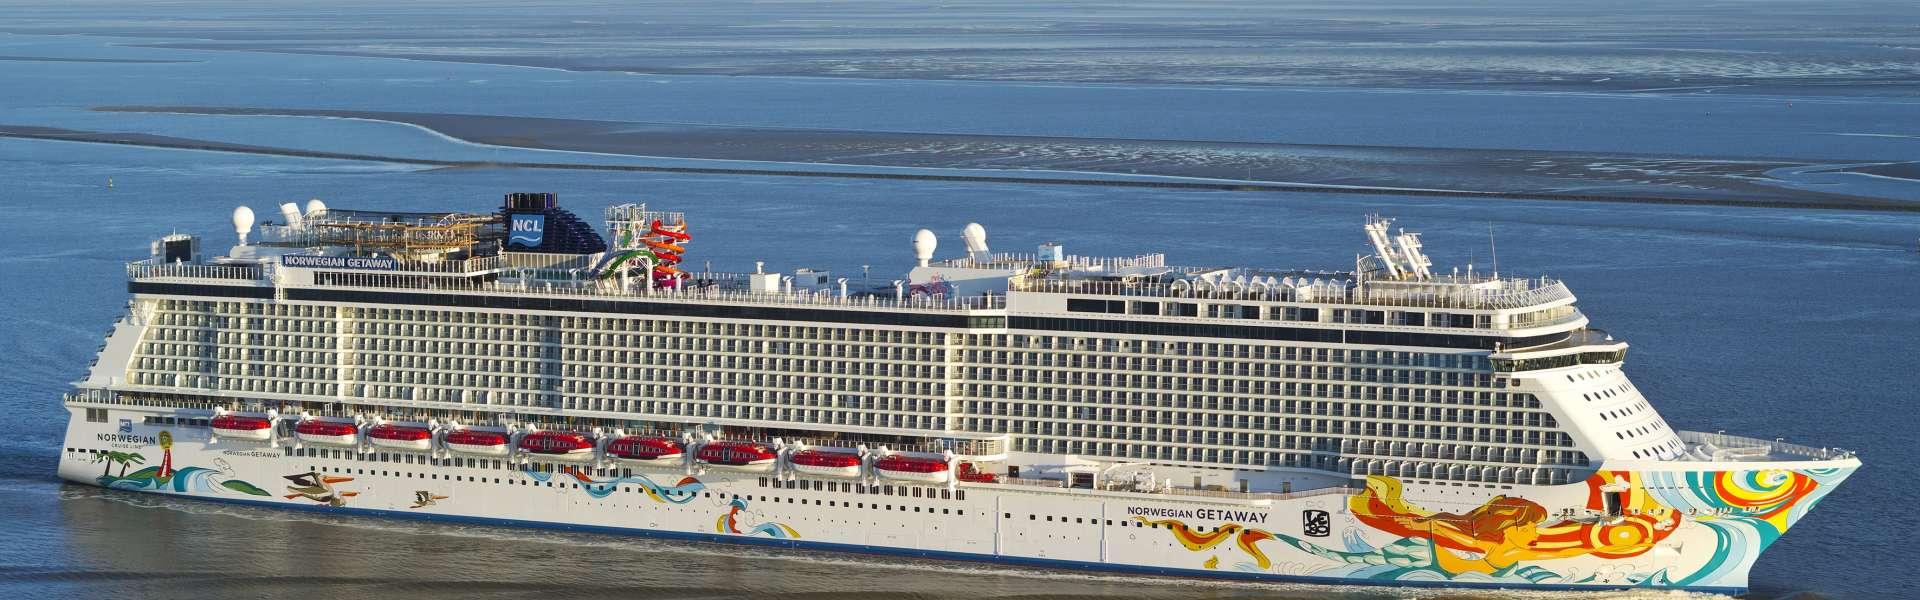 Croaziera 2019 - Baltice/Rusia (Copenhaga) - Norwegian Cruise Line - Norwegian Getaway - 9 nopti